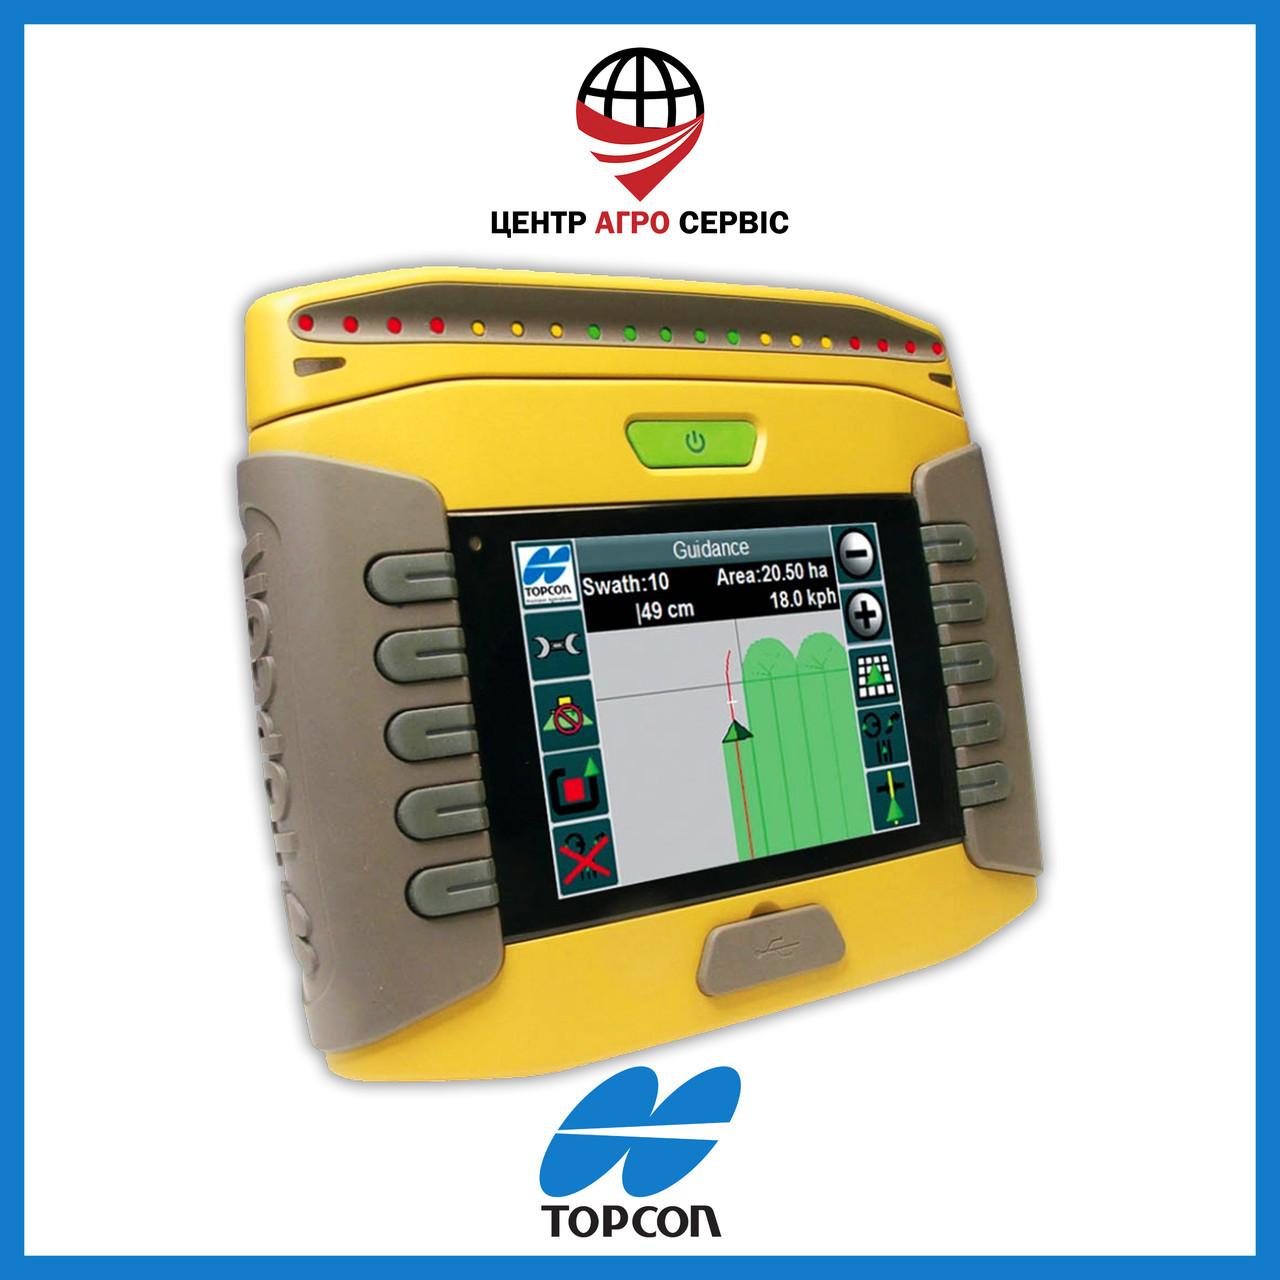 Gps навигатор для трактора (навигатор для поля, сельхоз навигатор)  Топкон 45